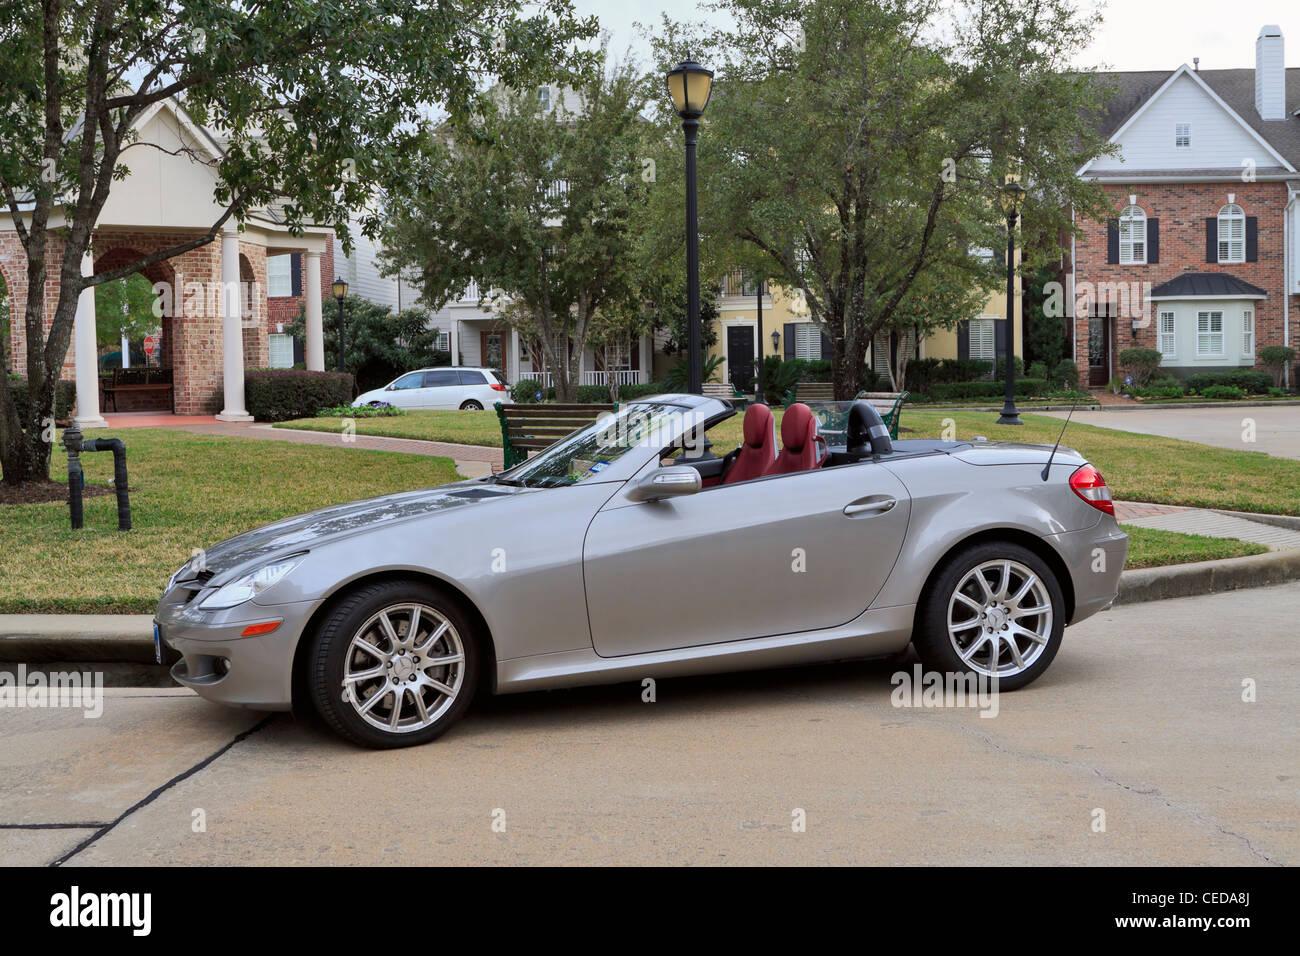 mercedes slk 350 sports car 2007 model in silver grey. Black Bedroom Furniture Sets. Home Design Ideas